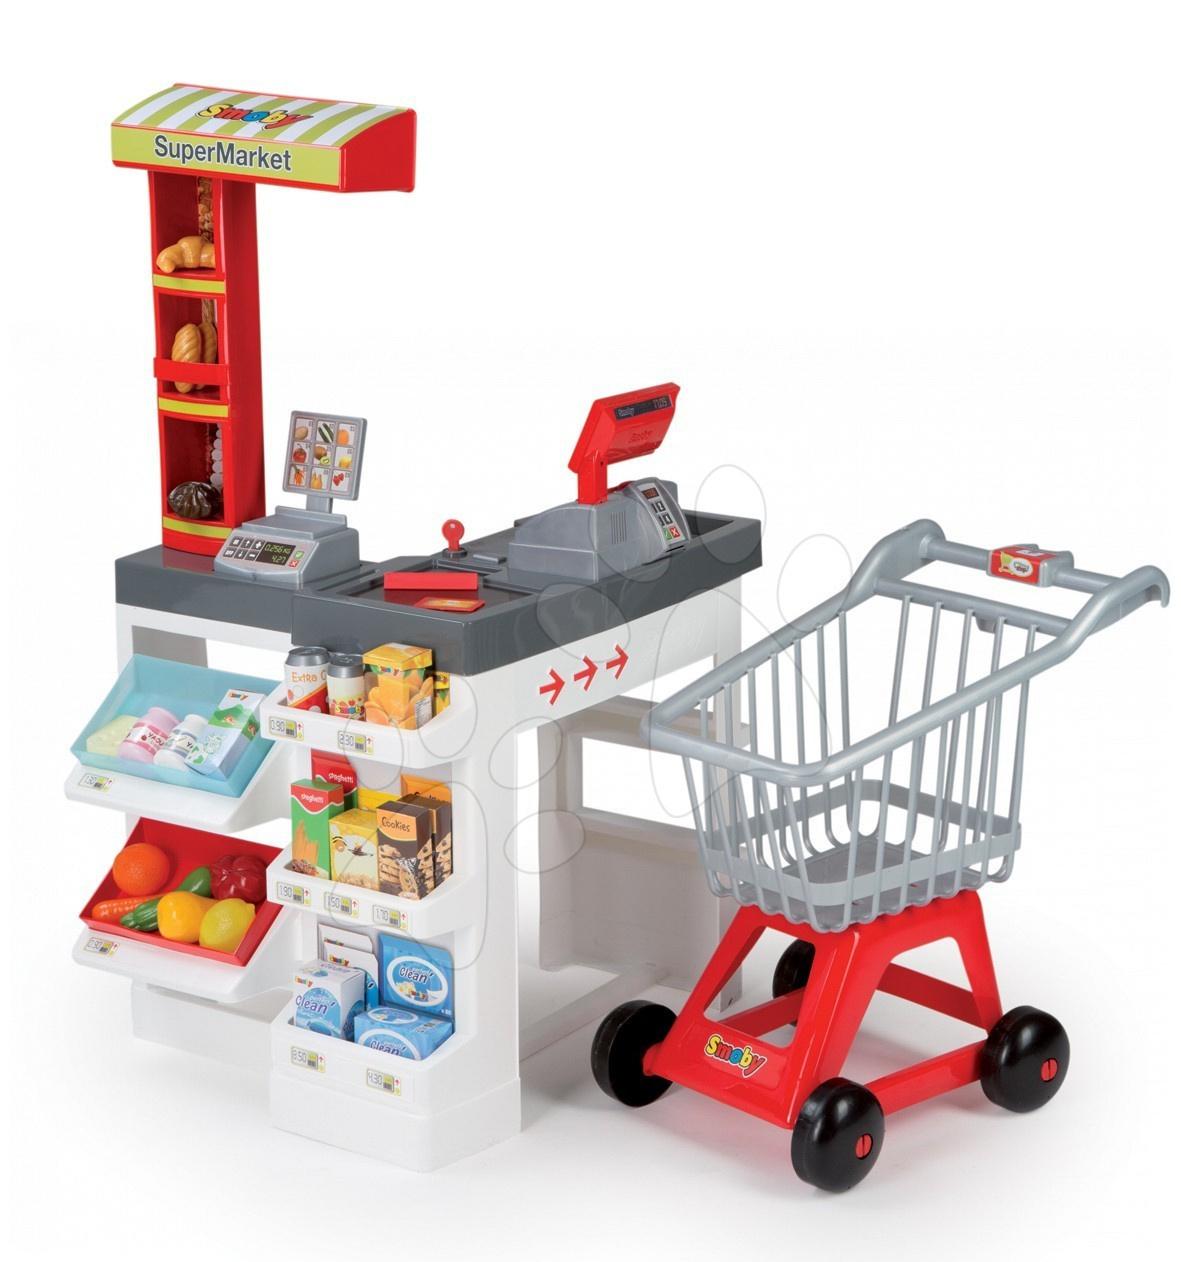 Obchody pre deti - Obchodík s nákupným košíkom SuperMarket Smoby so zvukom, svetlom a 36 doplnkami